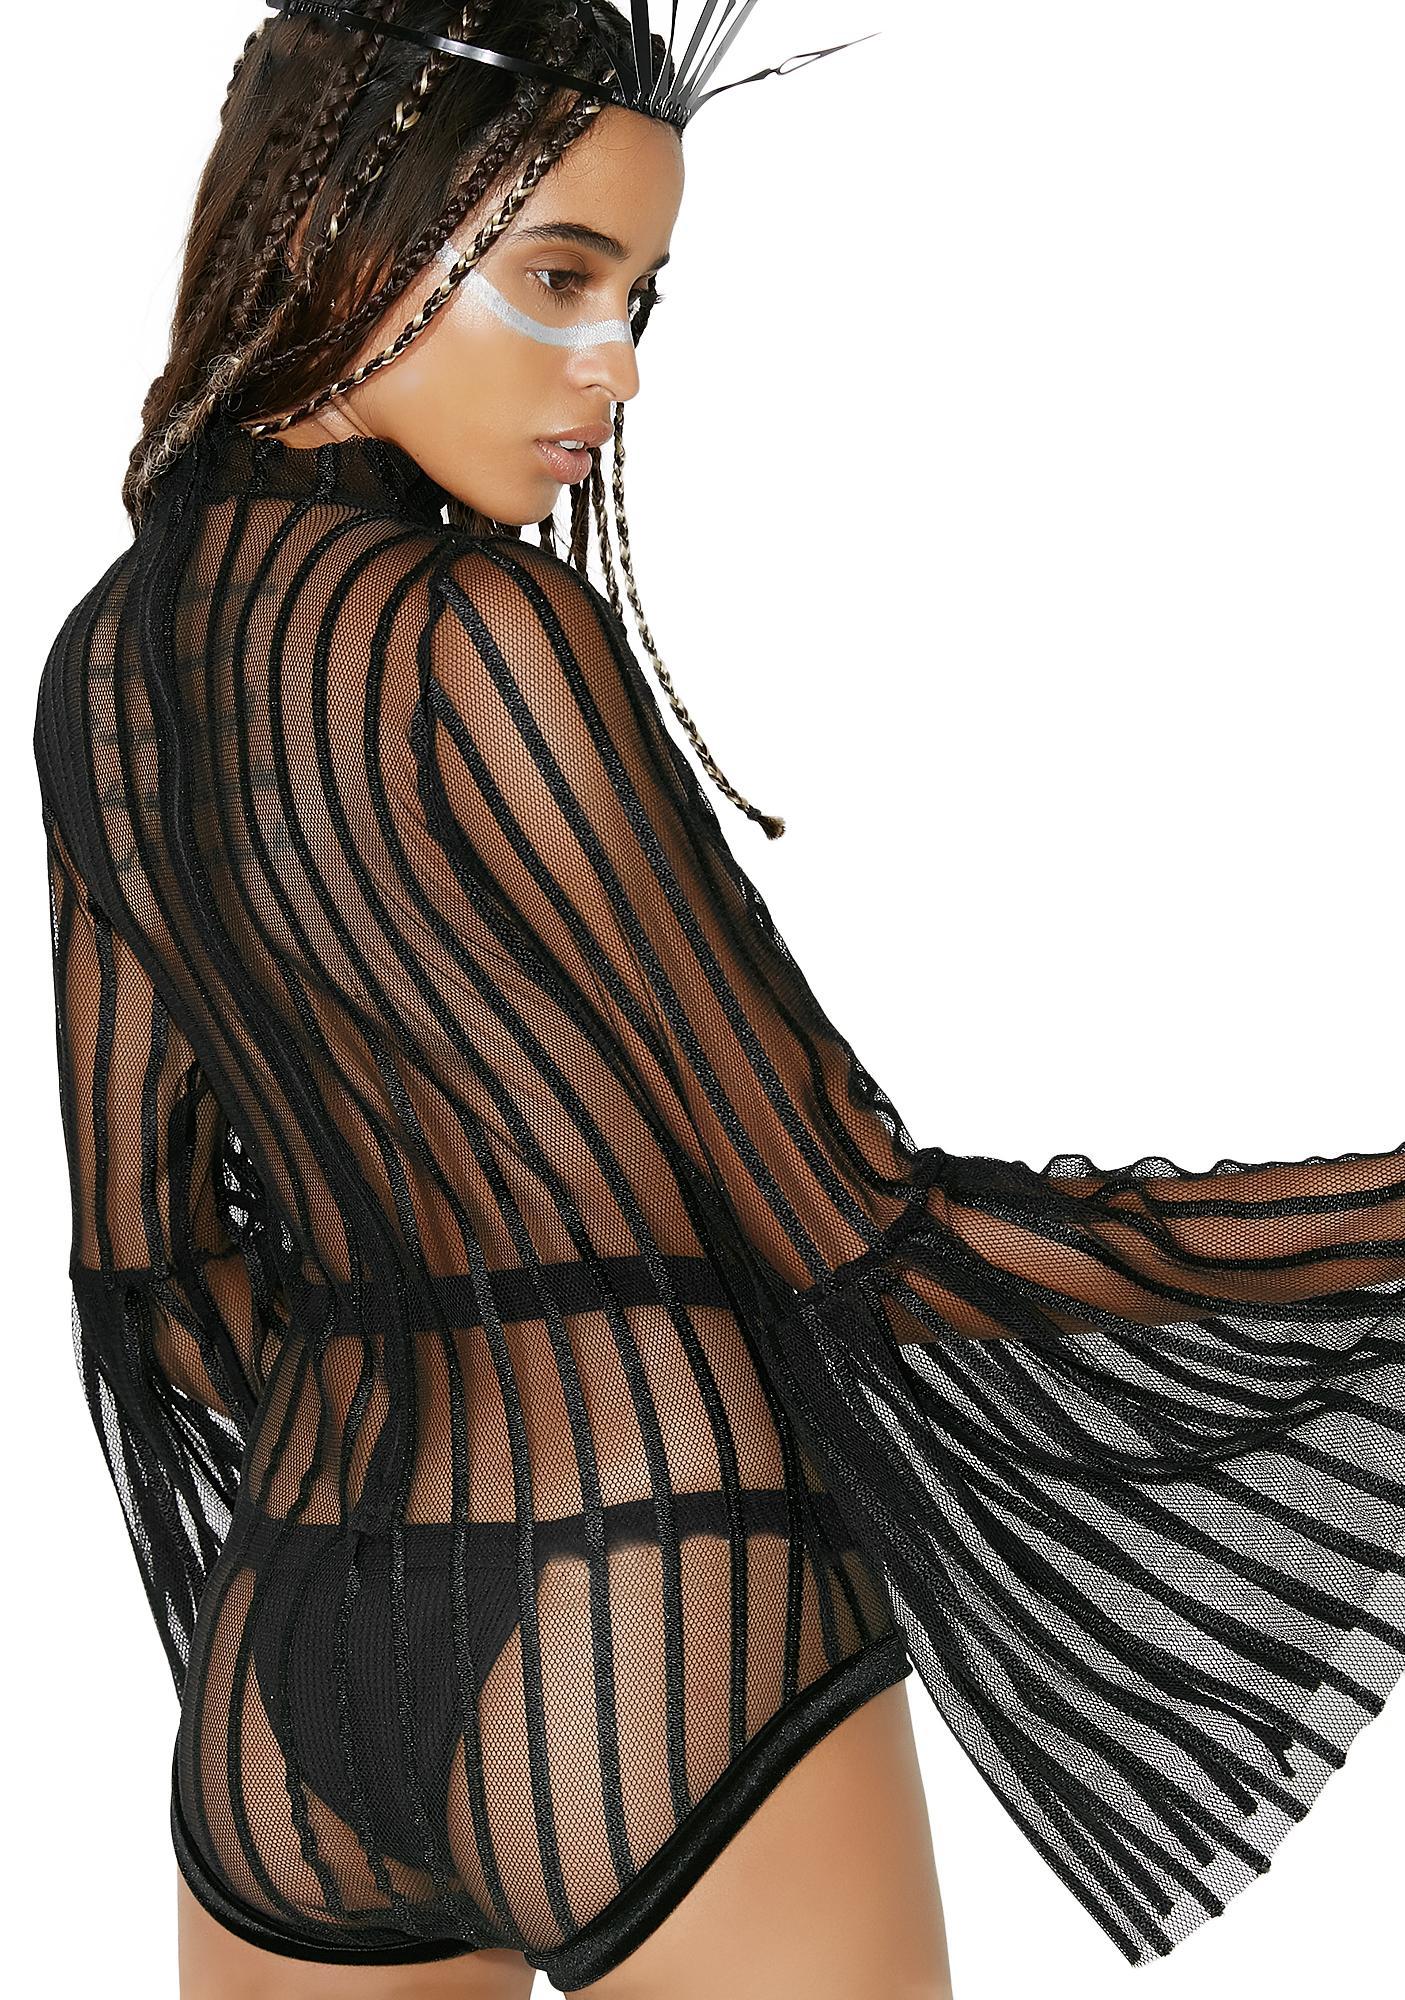 LUX MUSE Striped Villain Bodysuit